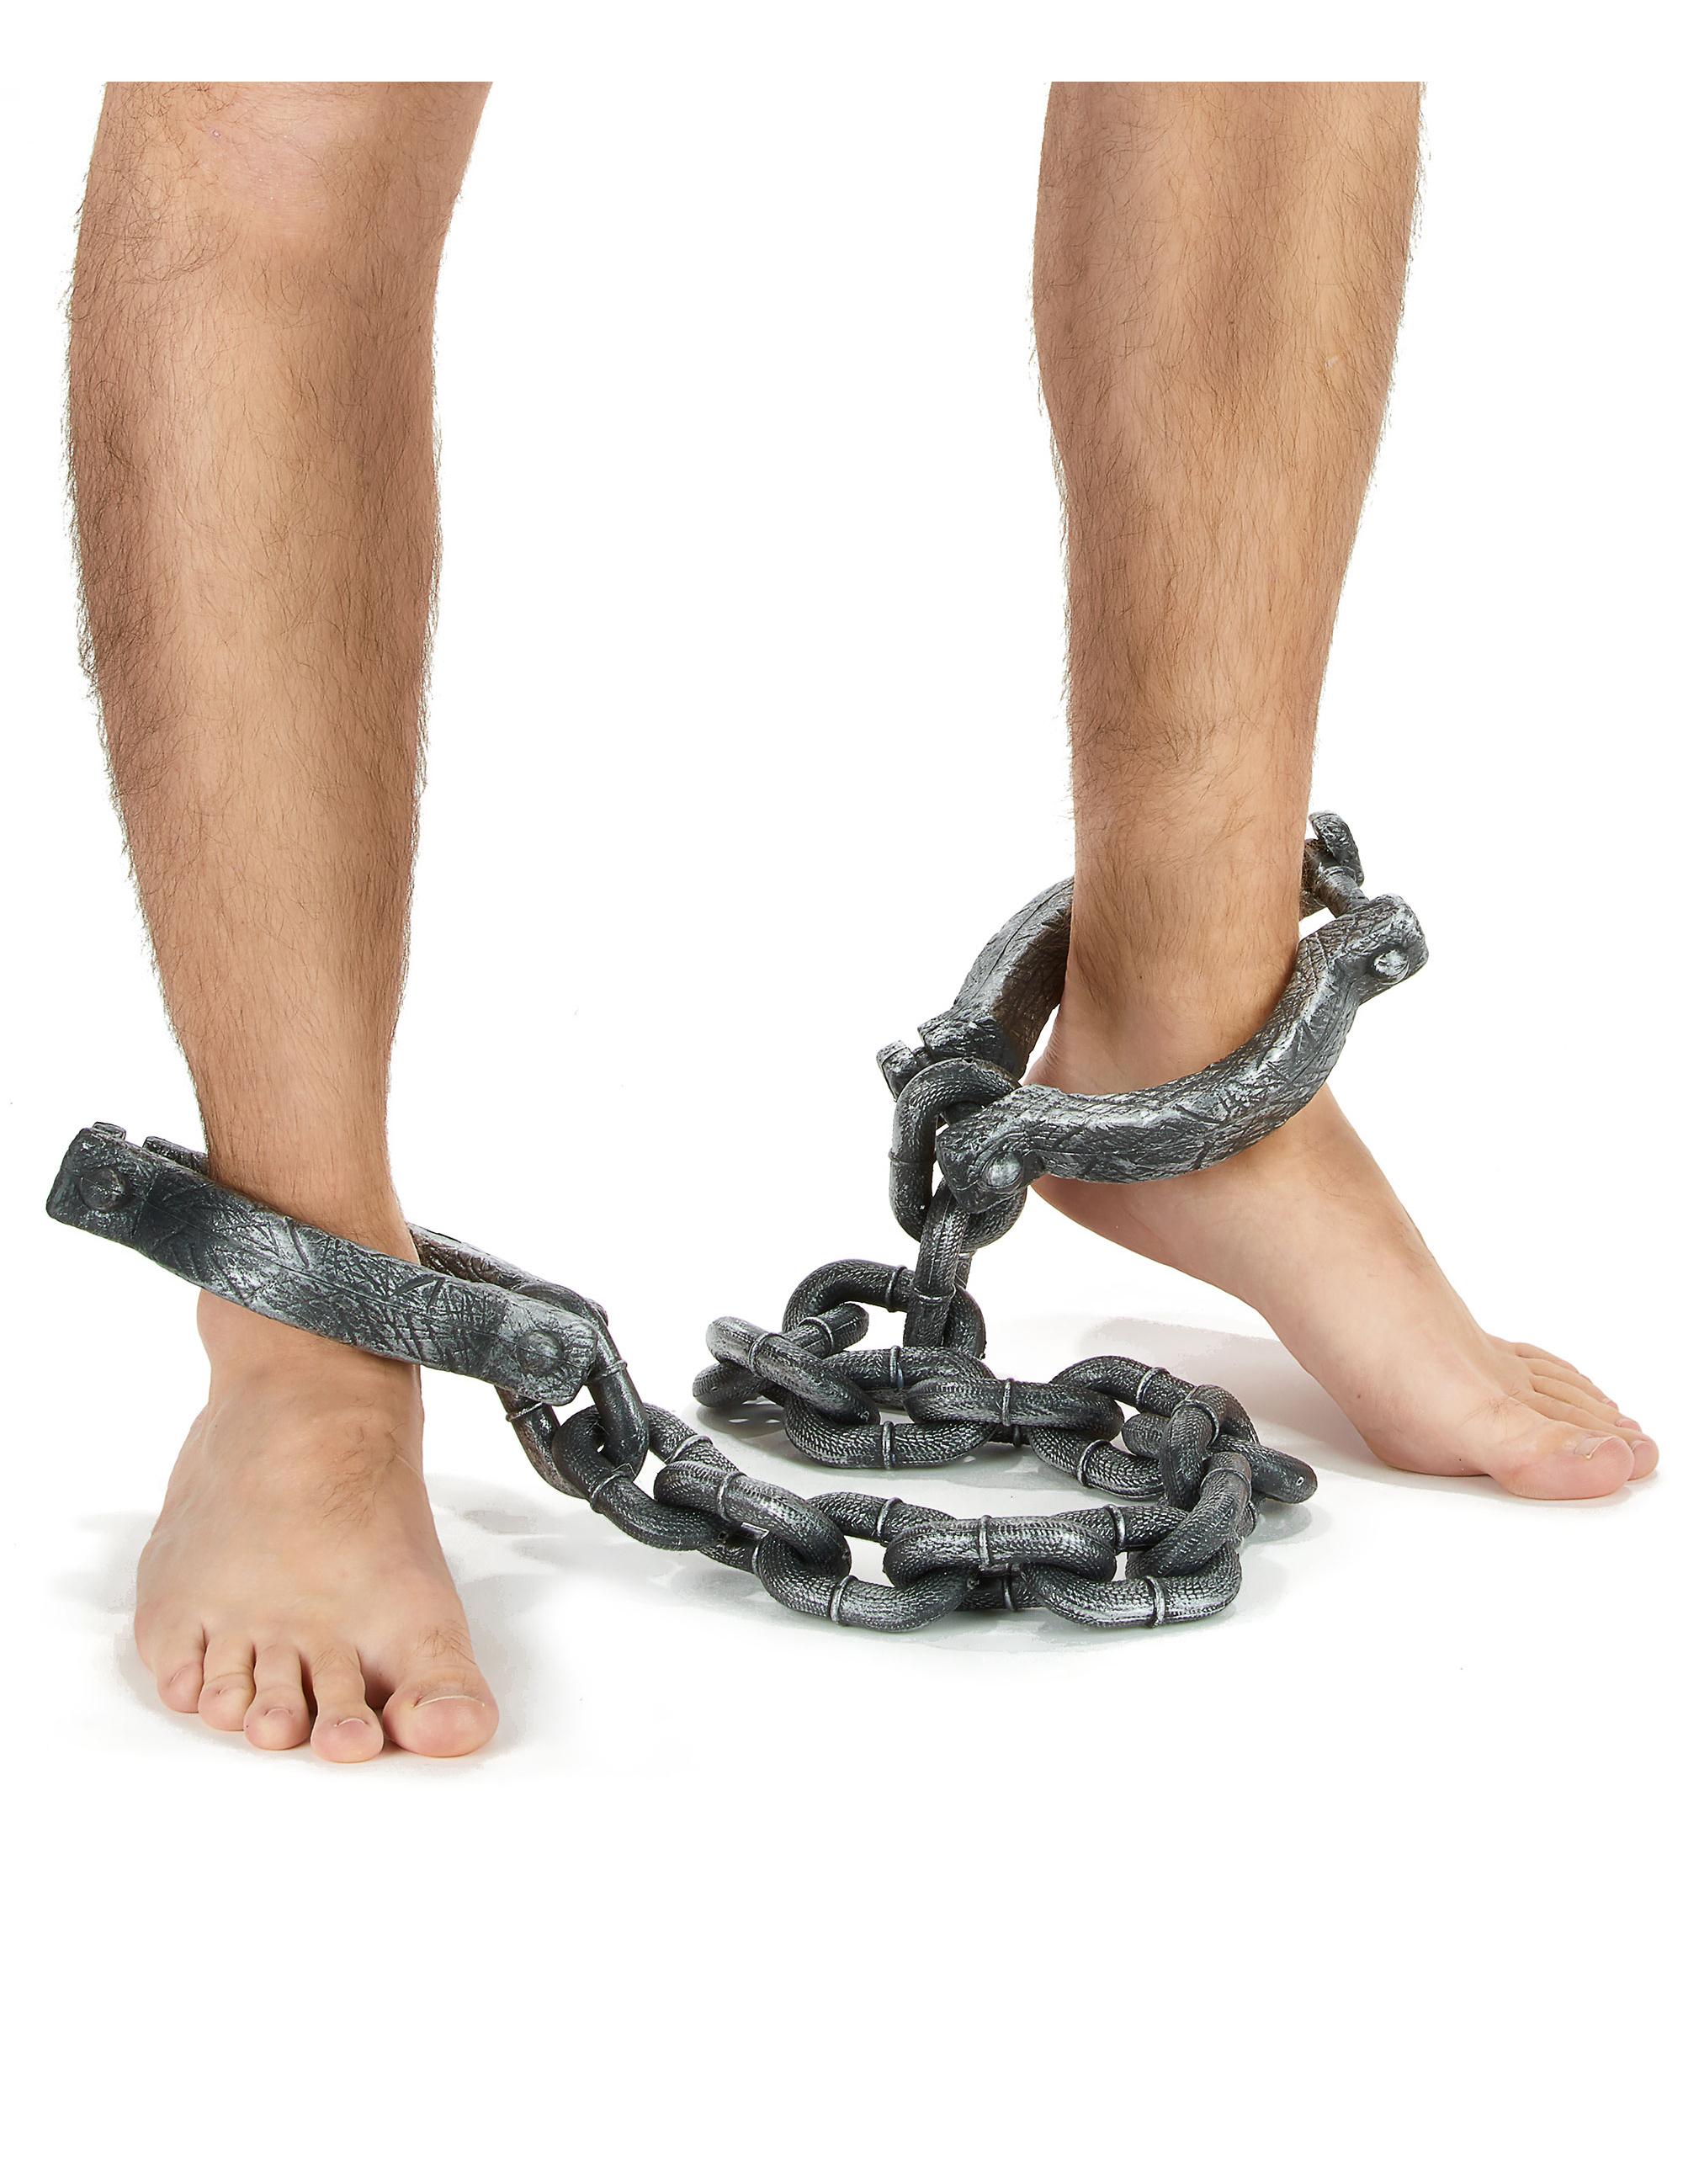 Kedja till fånge-1 e0729d2e773e4